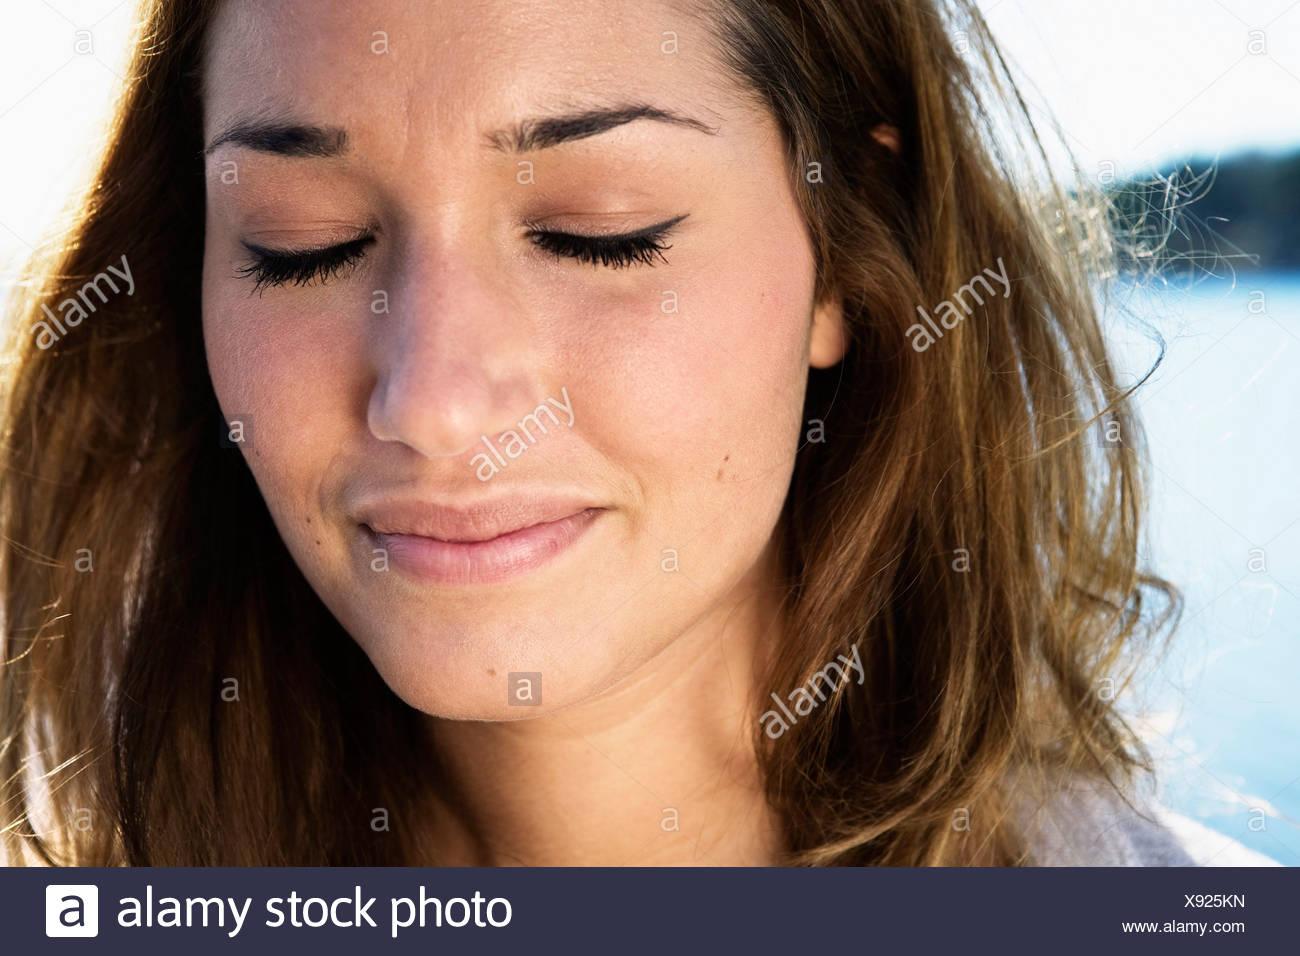 Femme aux cheveux noirs en fermant les yeux Photo Stock